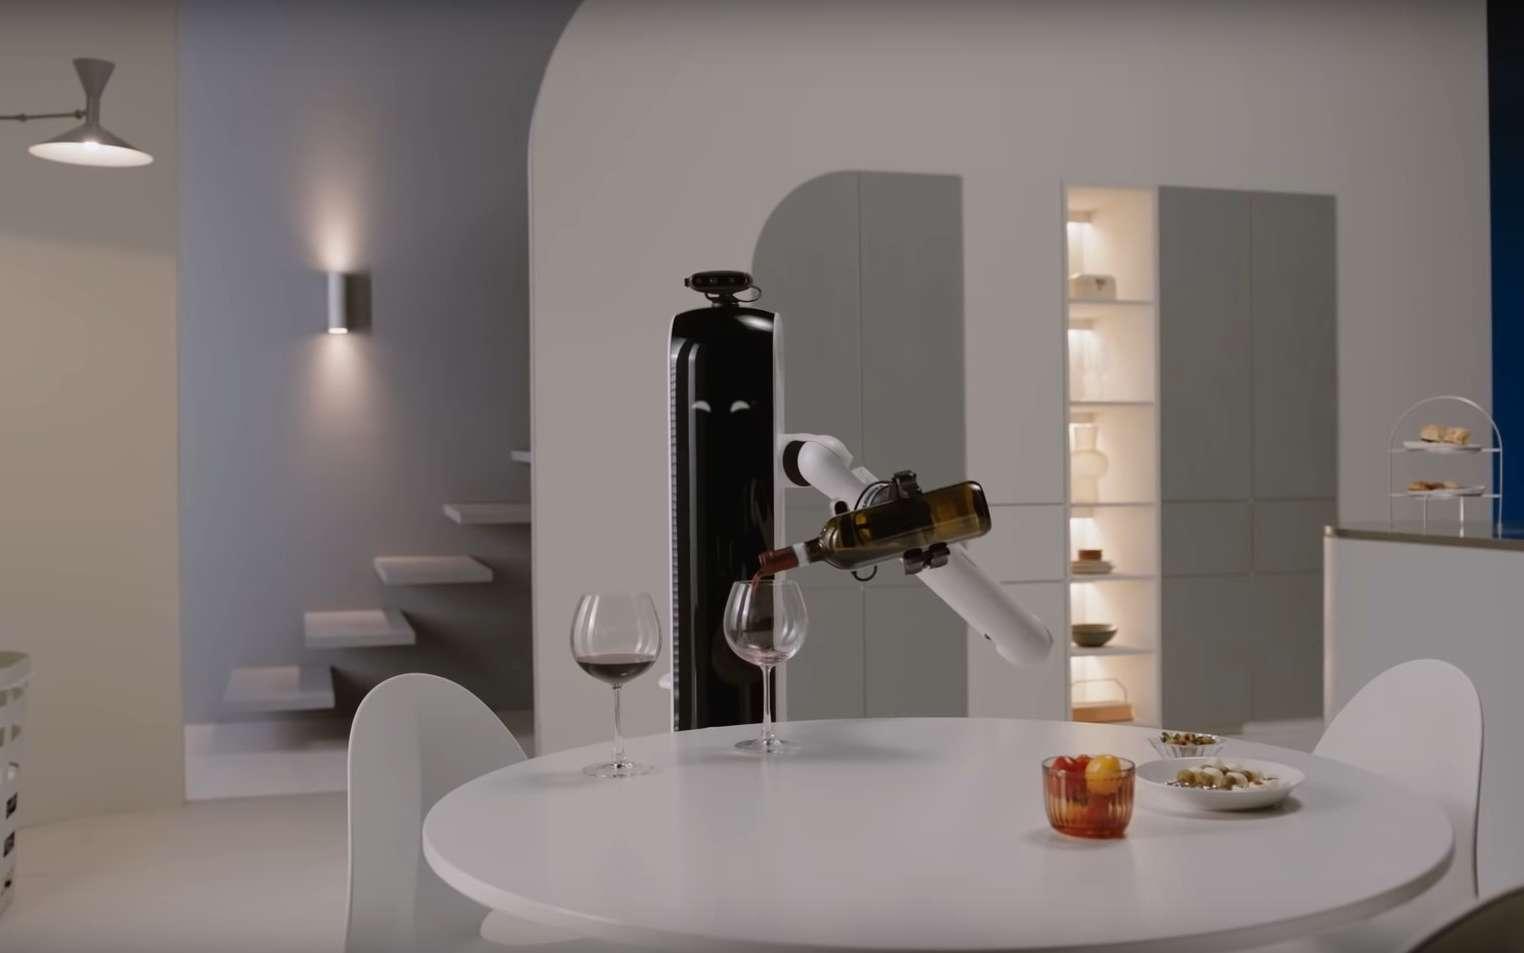 Le Samsung Bot Handy est doté d'un bras pour ranger, remplir le lave-vaisselle et même verser du vin. © Samsung